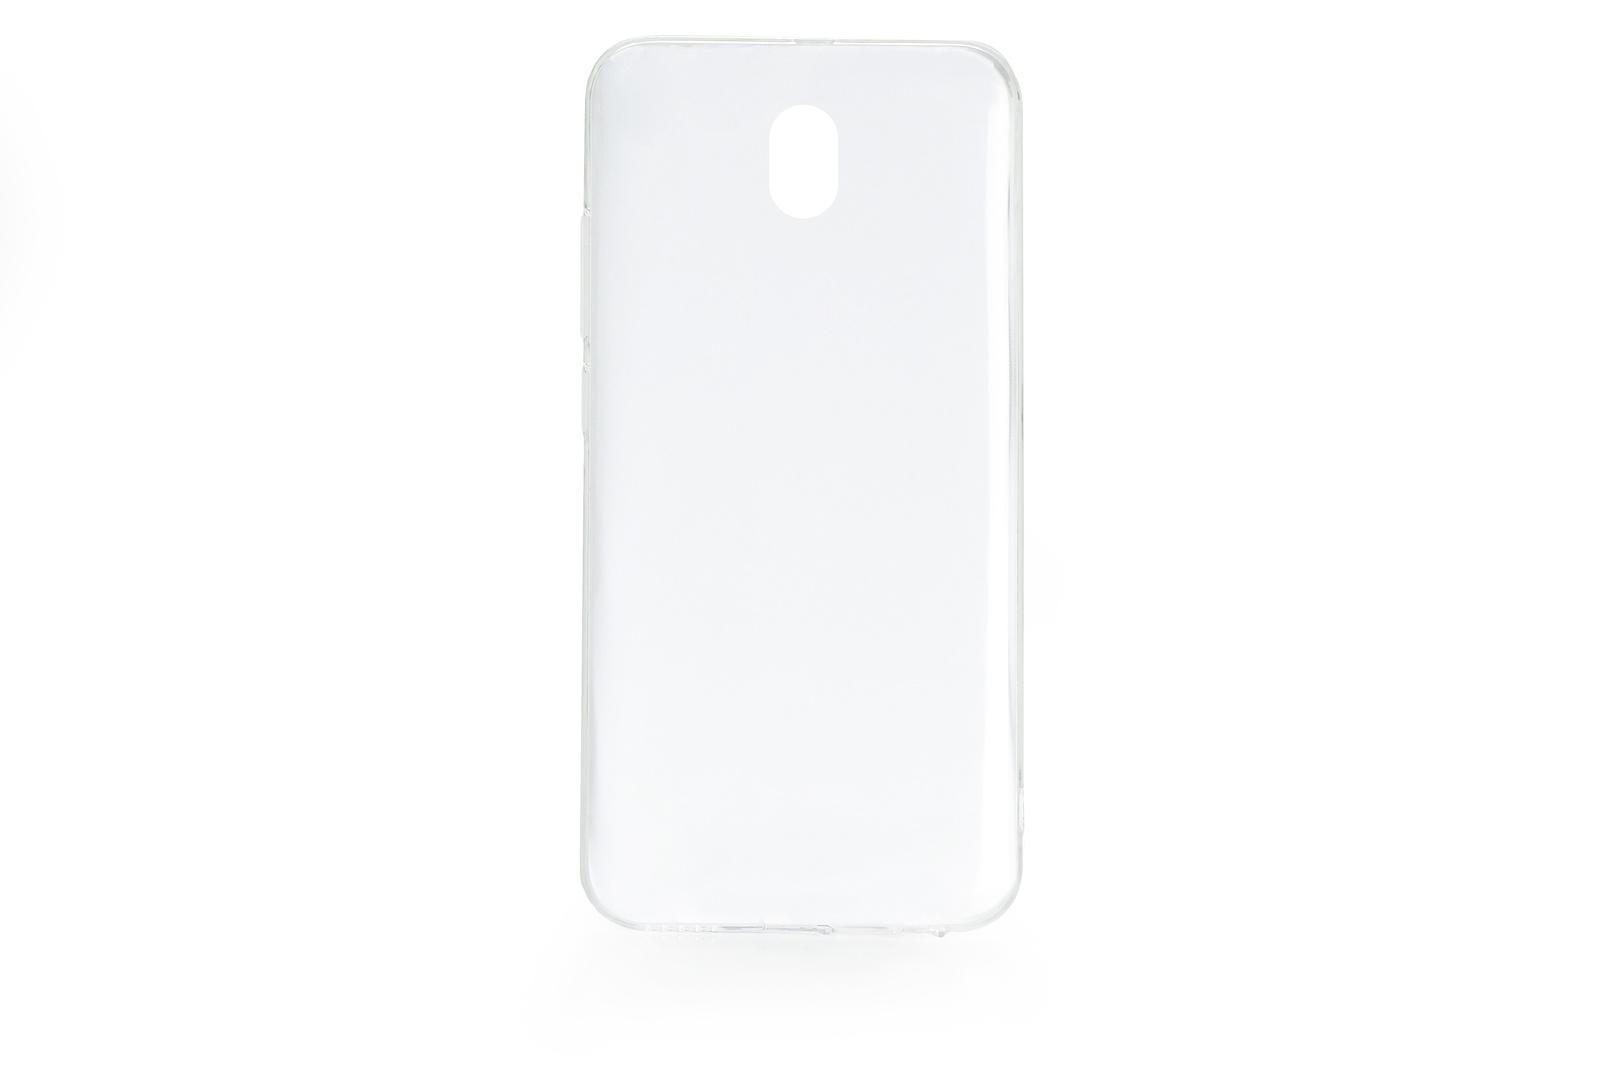 Чехол для сотового телефона Gurdini Чехол накладка силикон высокотехнологичный для Samsung Galaxy J5 (J530) 2017, 904143, прозрачный